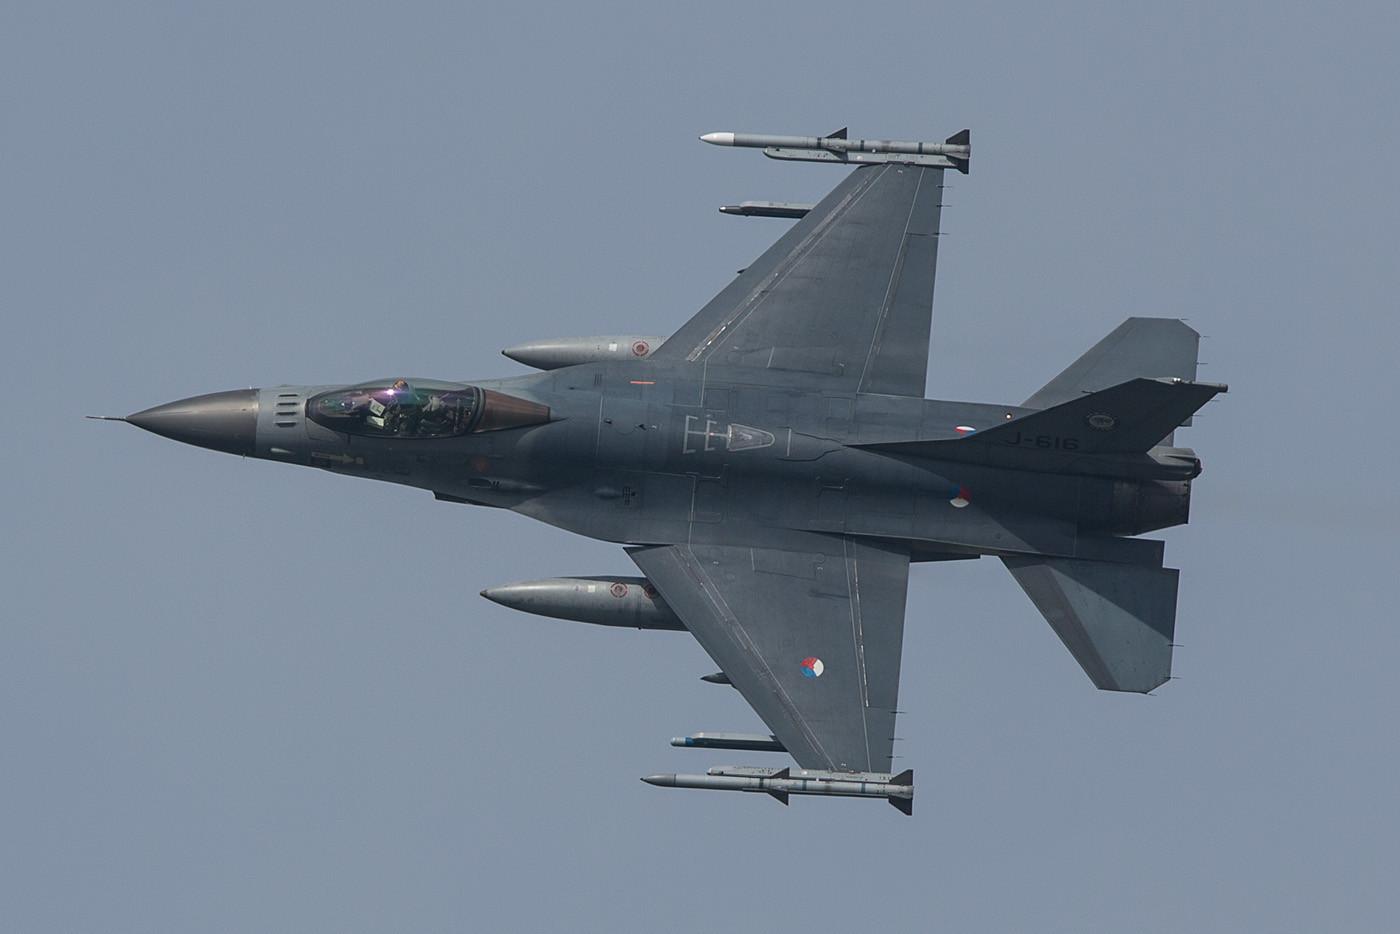 Deshalb wartet man sehnsüchtig auf die F-35, auch weil sich der Bestand an Flugzeugen damit drastisch verkleinern wird und man Personal sparen kann.